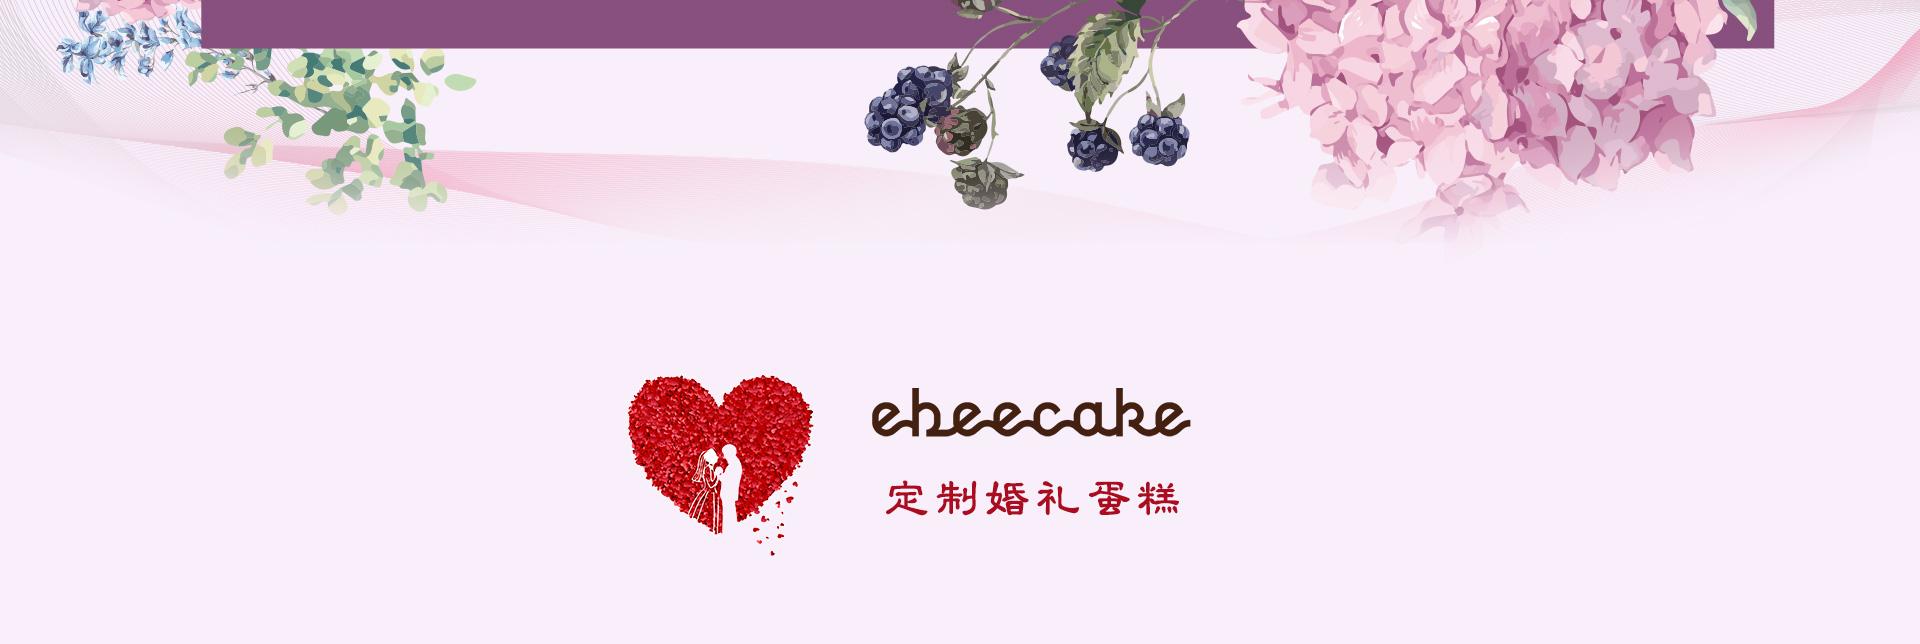 婚礼蛋糕定制 ebeecake小蜜蜂蛋糕